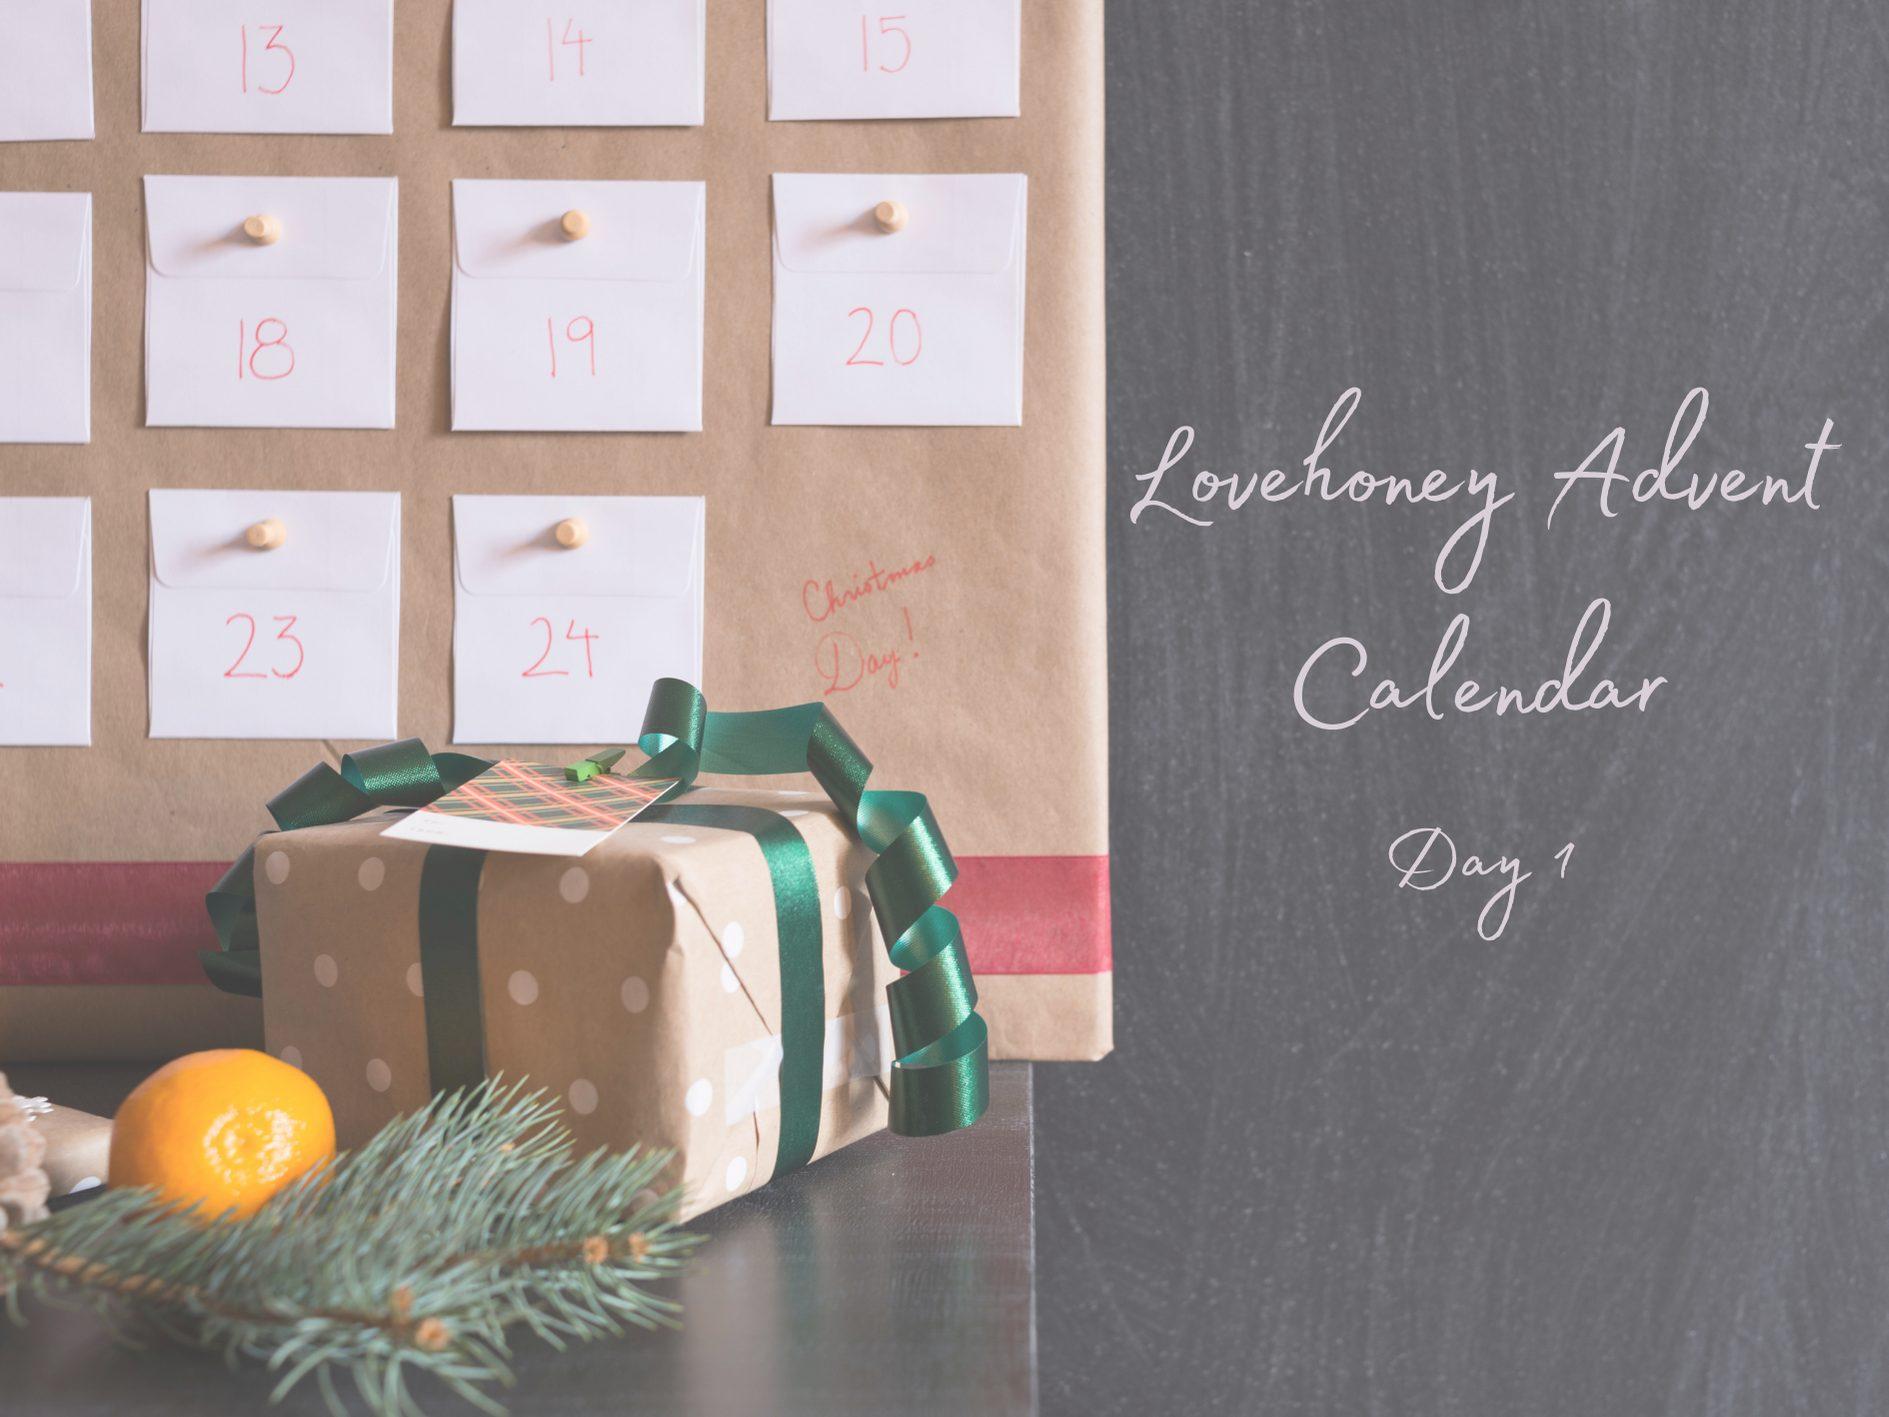 Lovehoney Sex Toy Advent Calendar Door #1: Rechargeable Bullet Vibrator